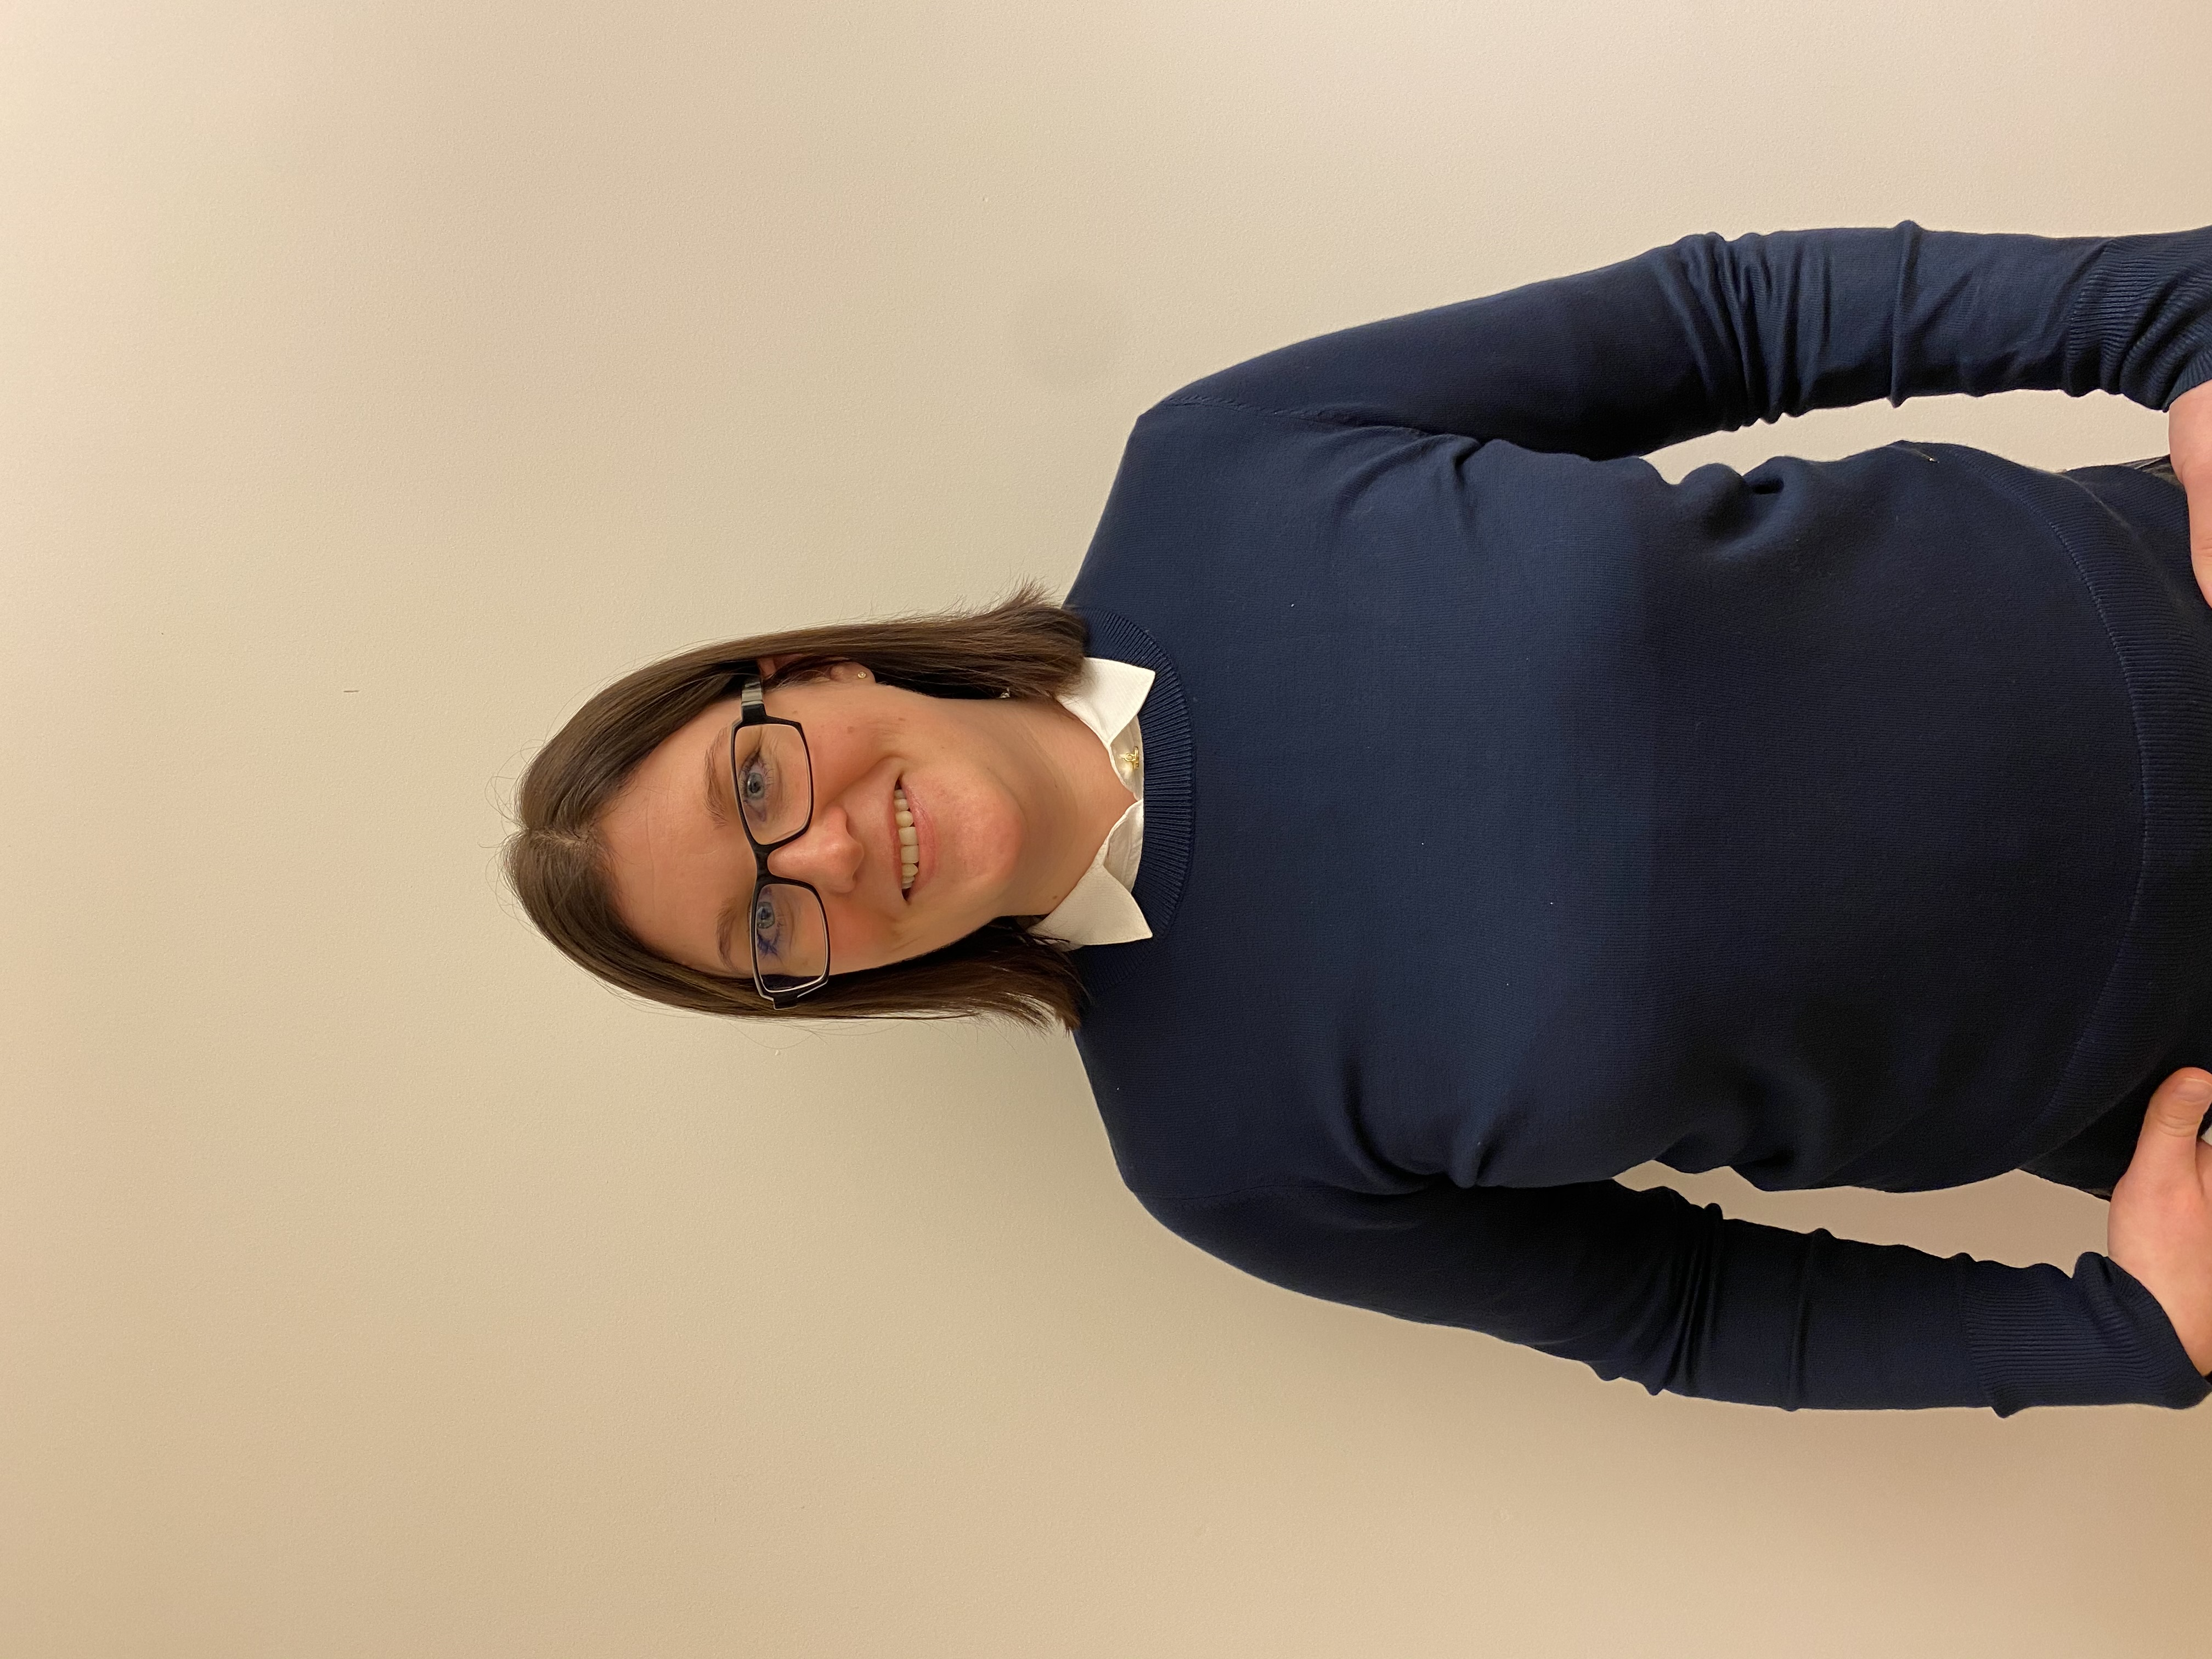 Marianne Østenseth